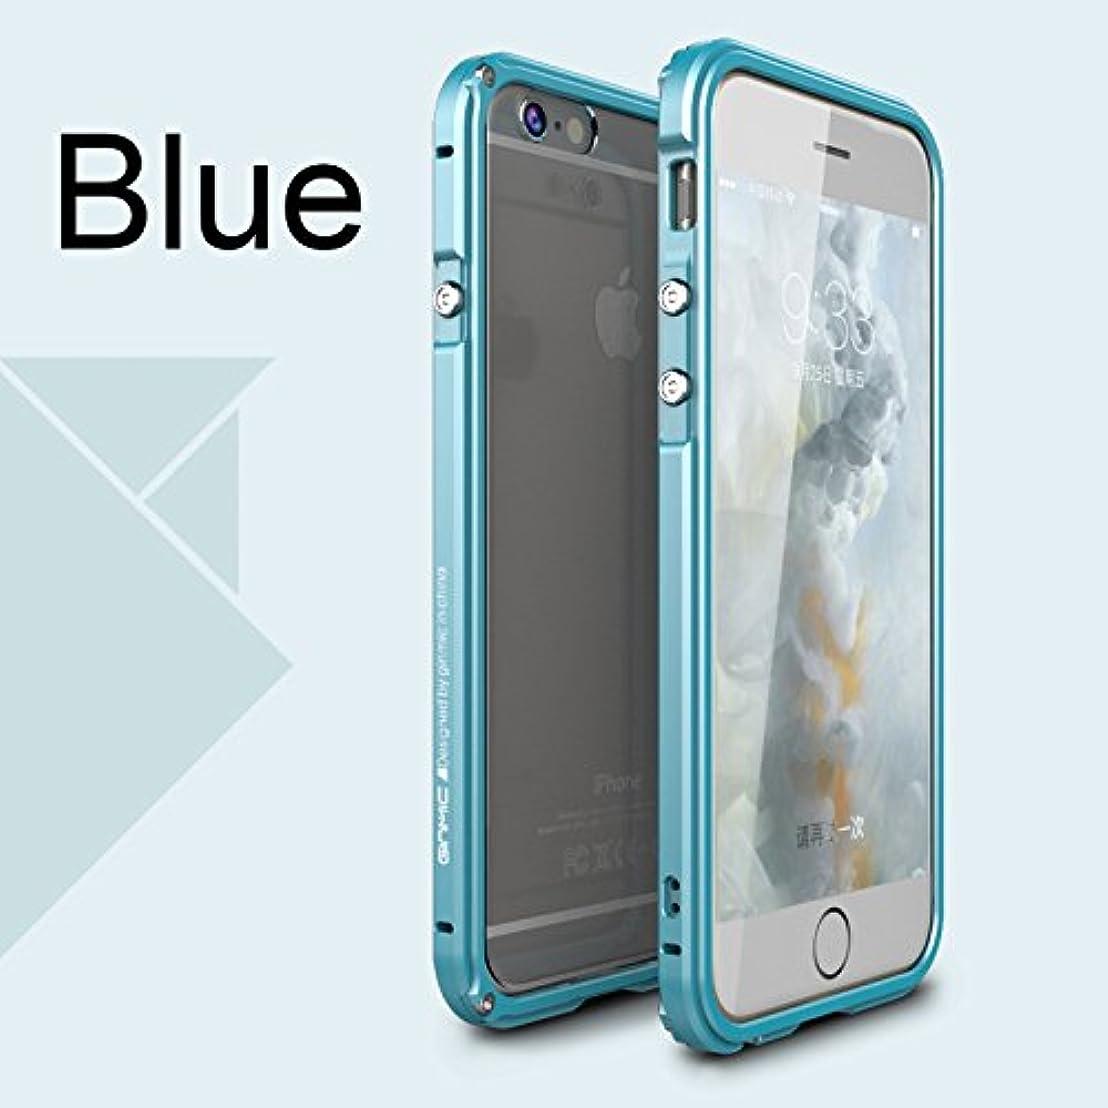 小競り合い隔離する修羅場Jicorzo - 航空アルミバンパーは、iPhoneのための6 6S 6プラス6SプラスPC透明戻るケース保護用の金属製フレームカバー